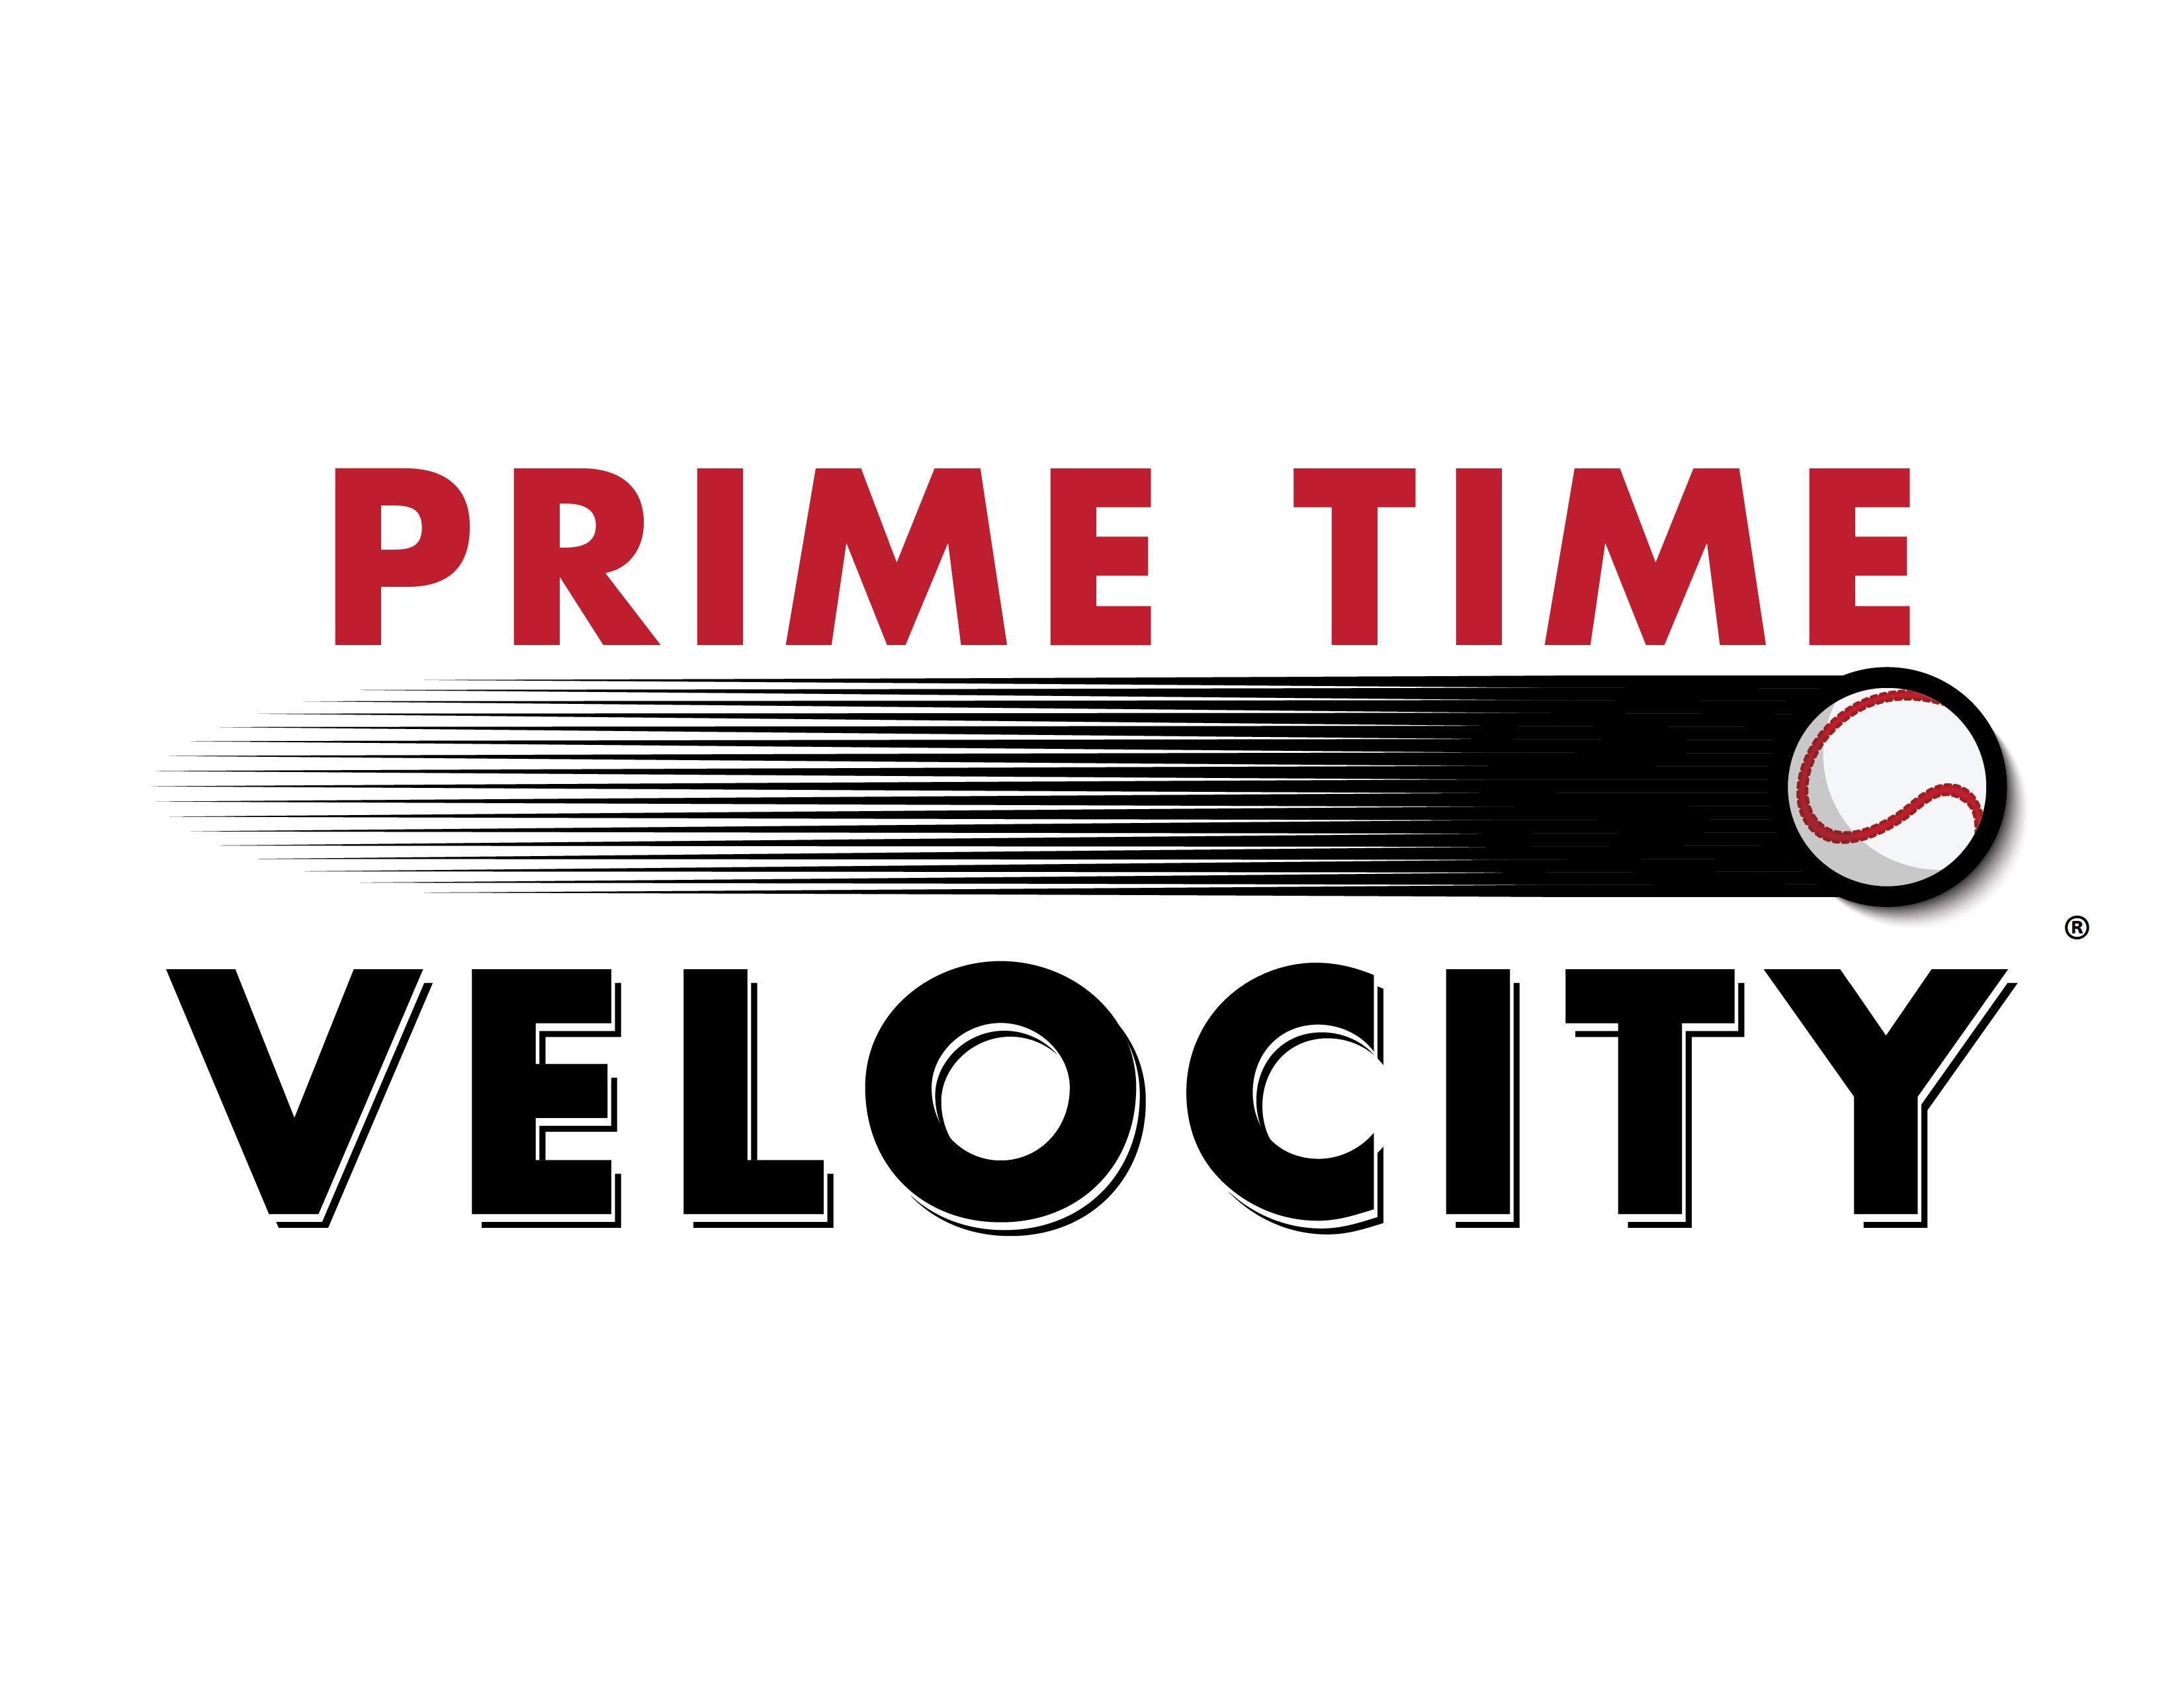 Prime Time Velocity 4:00 - 6:00 pm